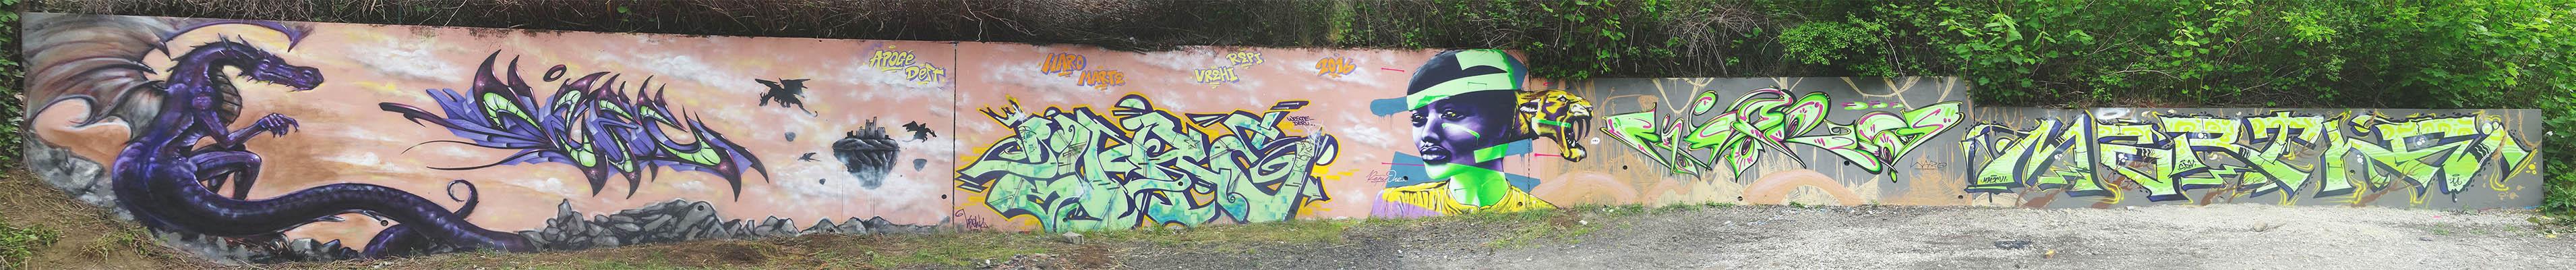 Fresque graffiti - La Glacière - Clermont-Ferrand - Graffiti